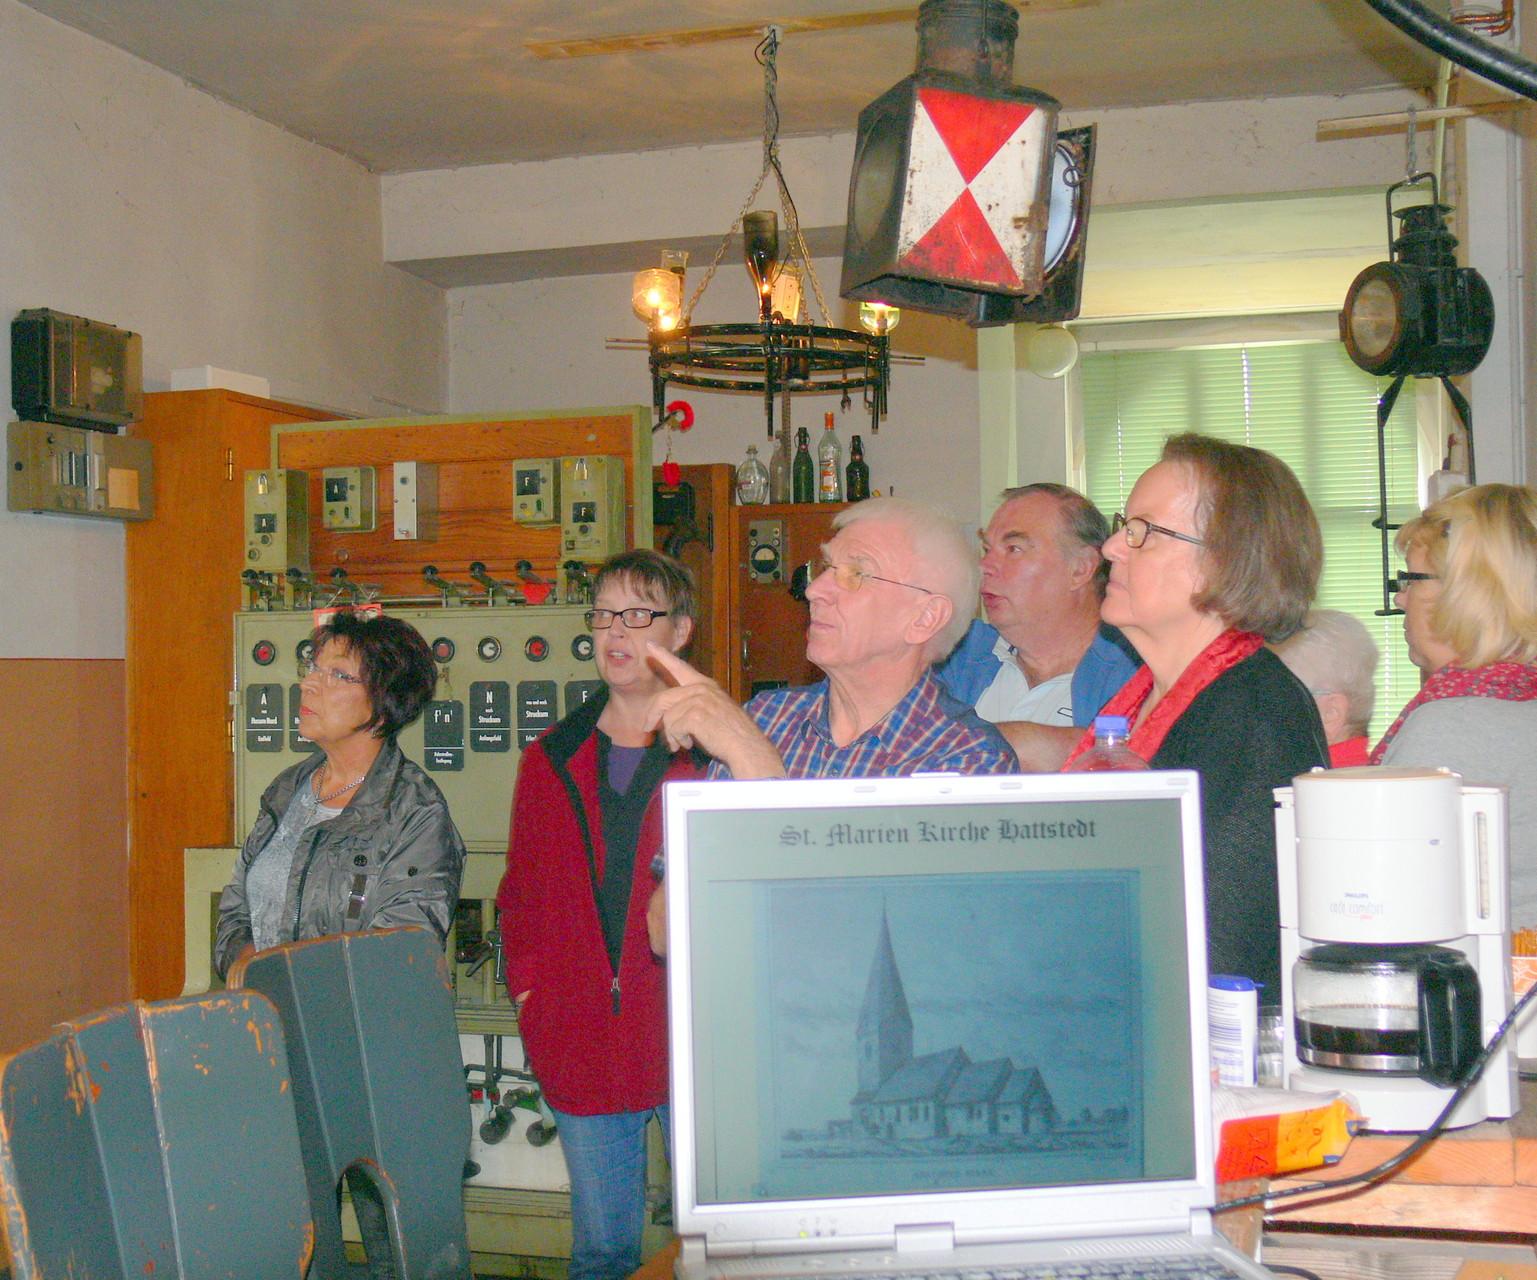 Die Bilderschau des Dorfchronisten Johann Carstensen wird bestaunt.